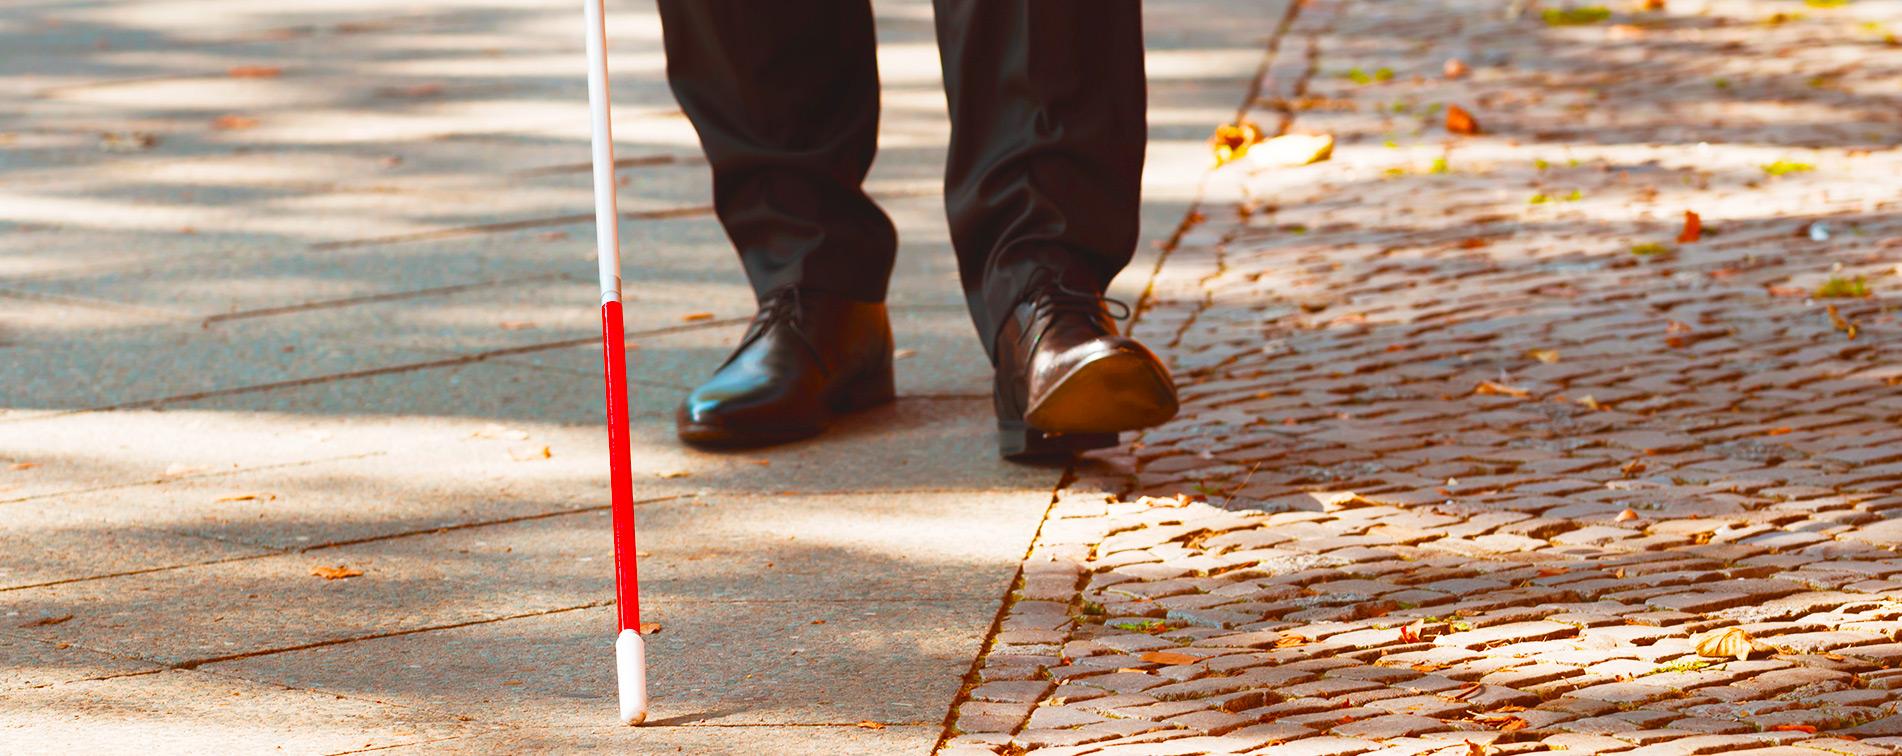 Slider Prévention Sensibilisation - pieds qui marchent et canne blanche